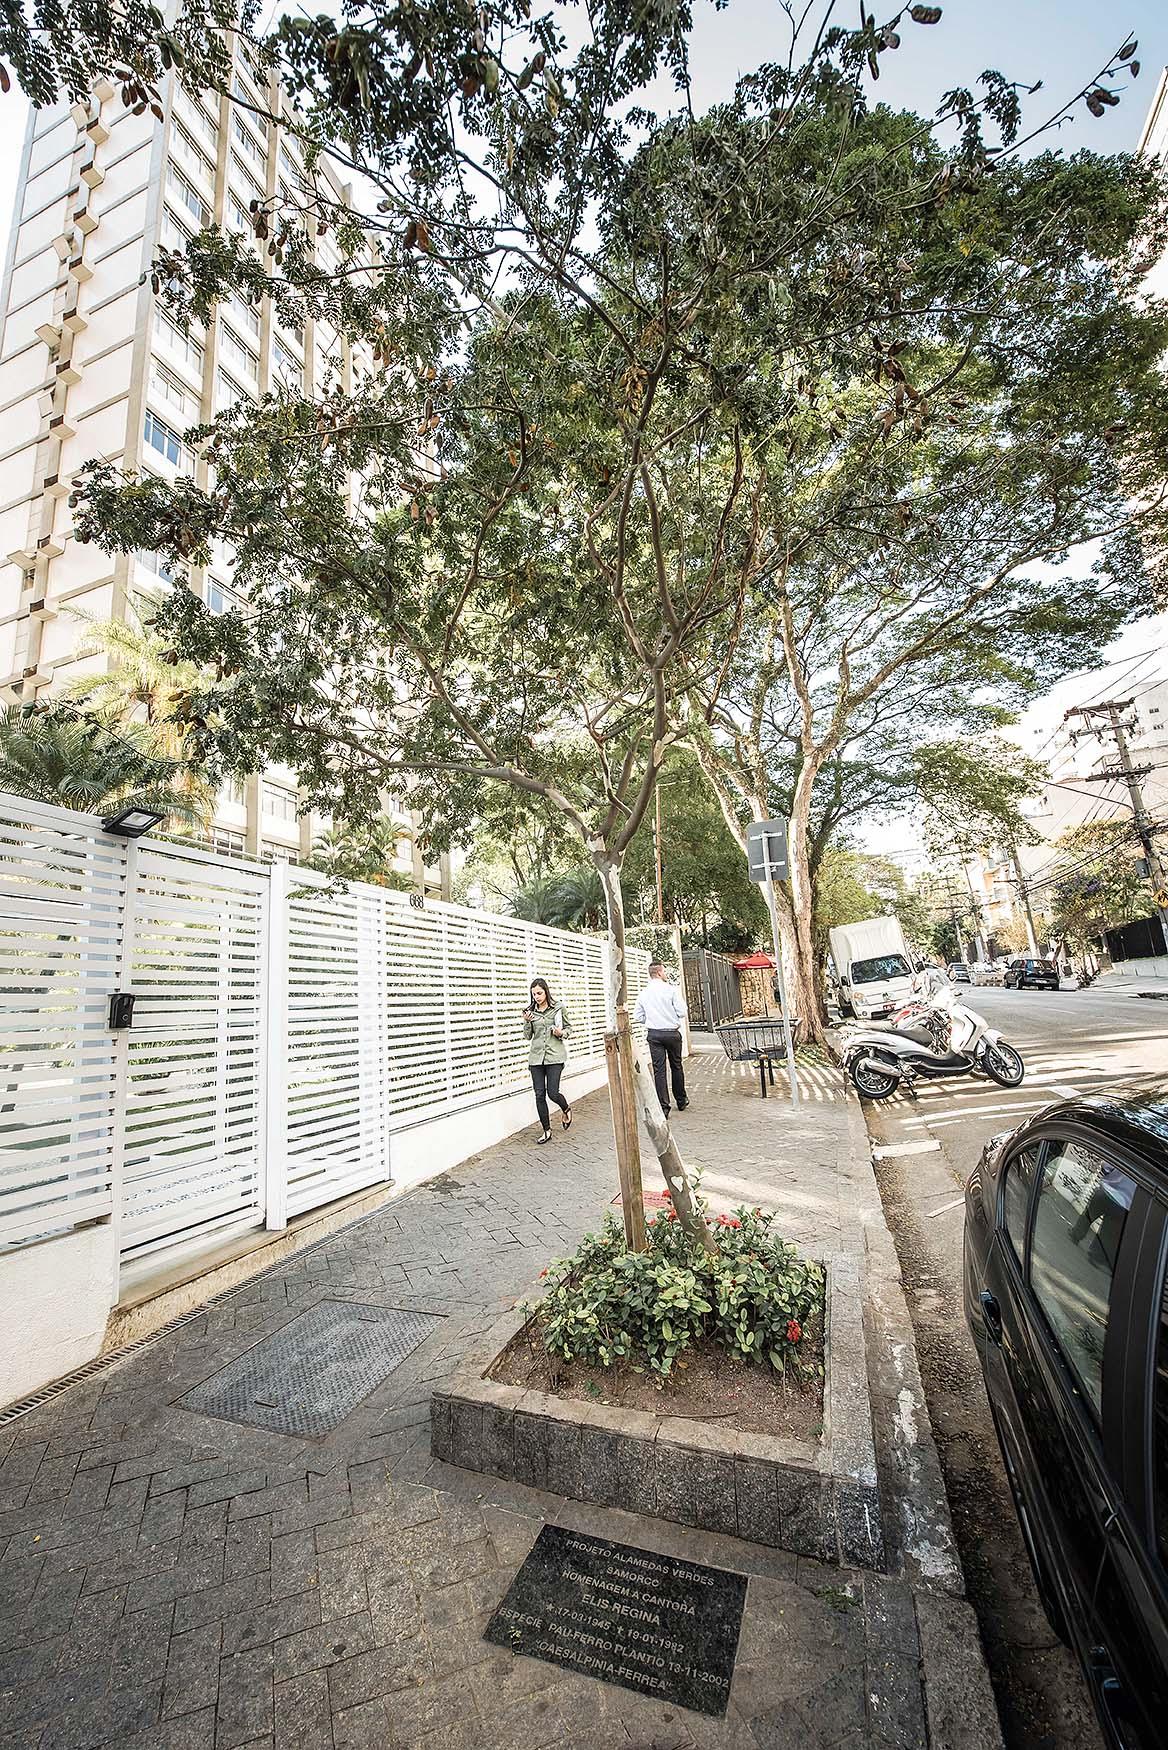 Rua Doutor Melo Alves: história, restaurantes, bares, lojas, prédios e curiosidades sobre esta via dos Jardins